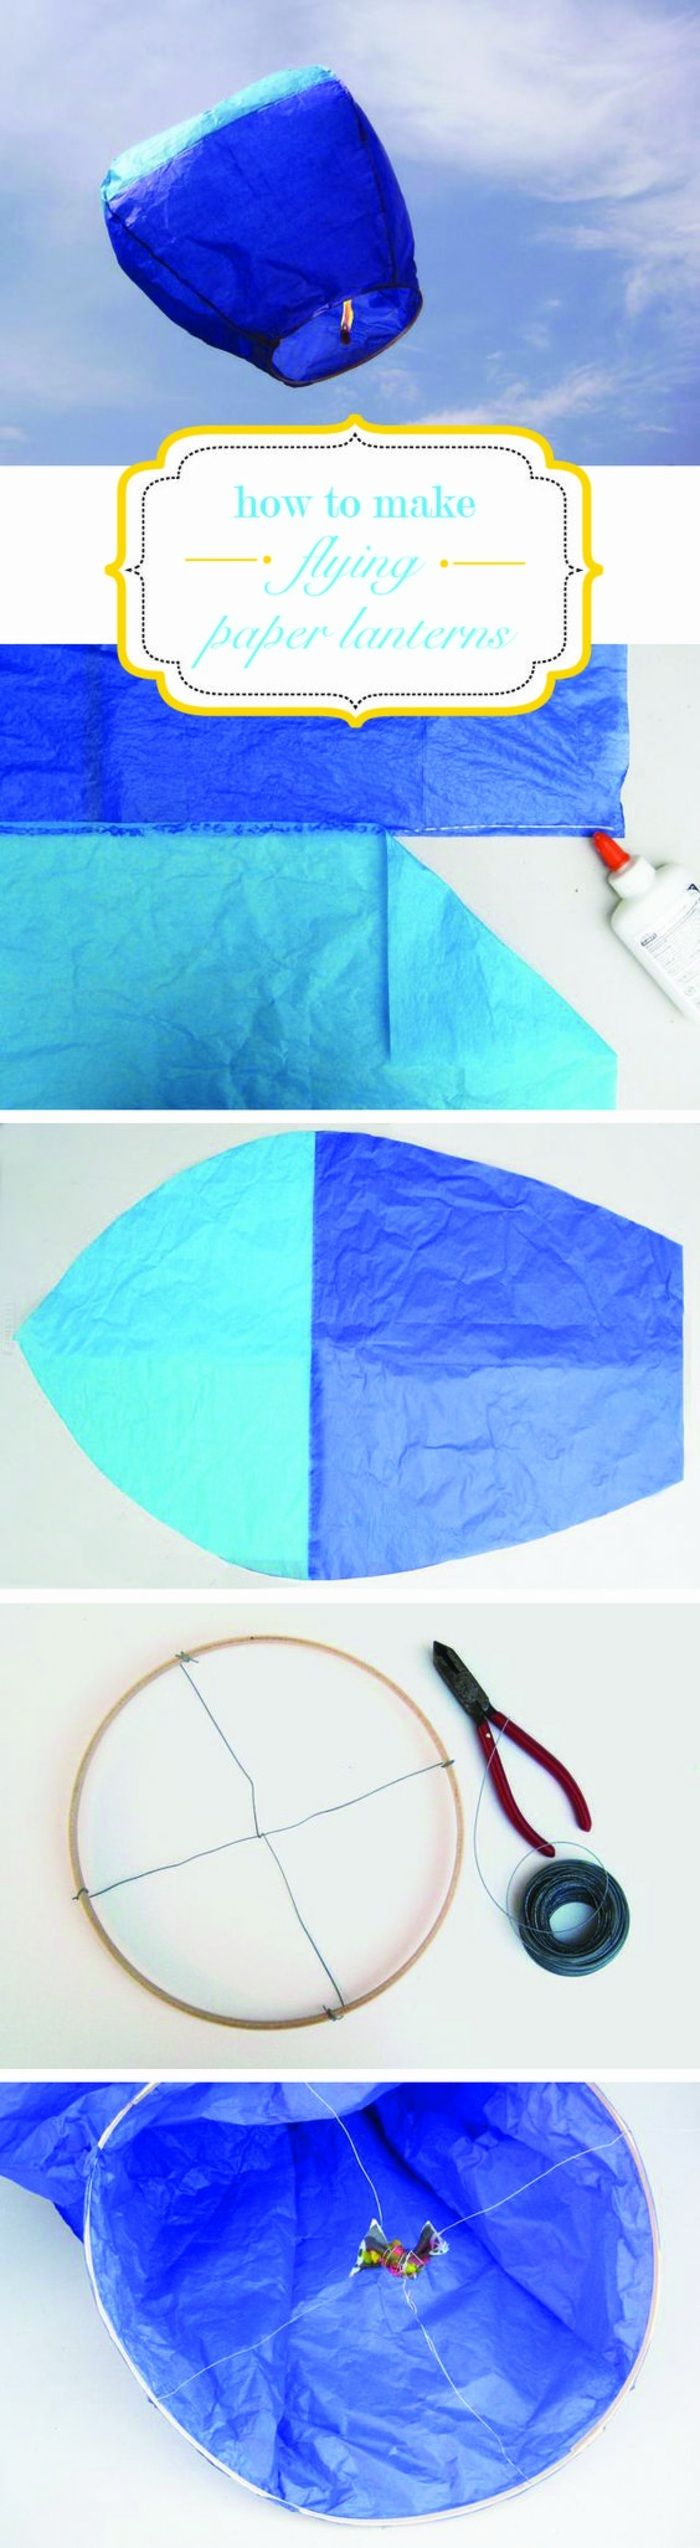 fliegende laterne selber basteln aus blauem papier, zange, faden